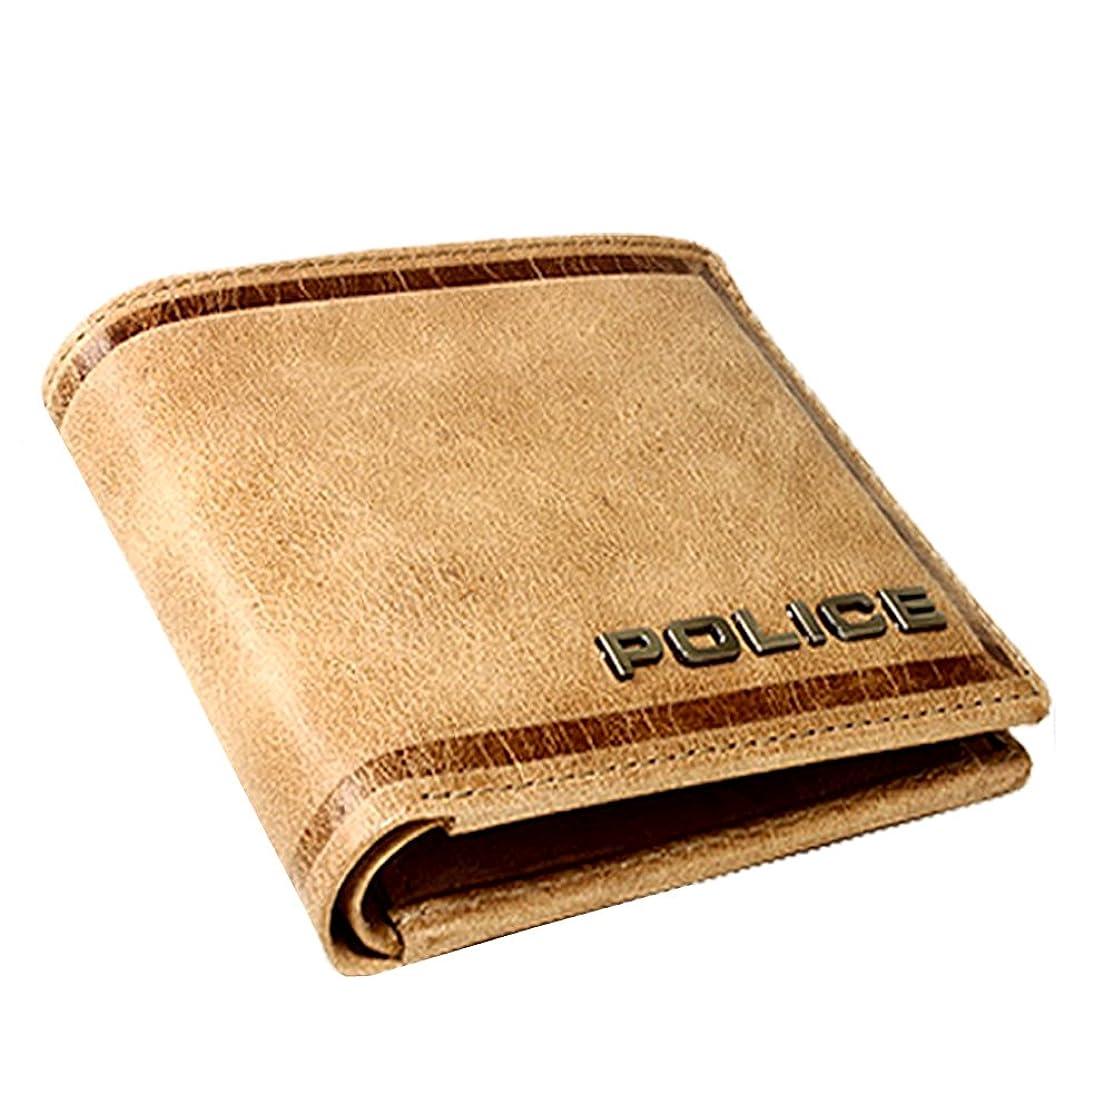 熟読する応用交じるポリス POLICE 財布 牛革 二つ折り 折財布 メンズ レディース ウォレット レザー Wallet pa58000